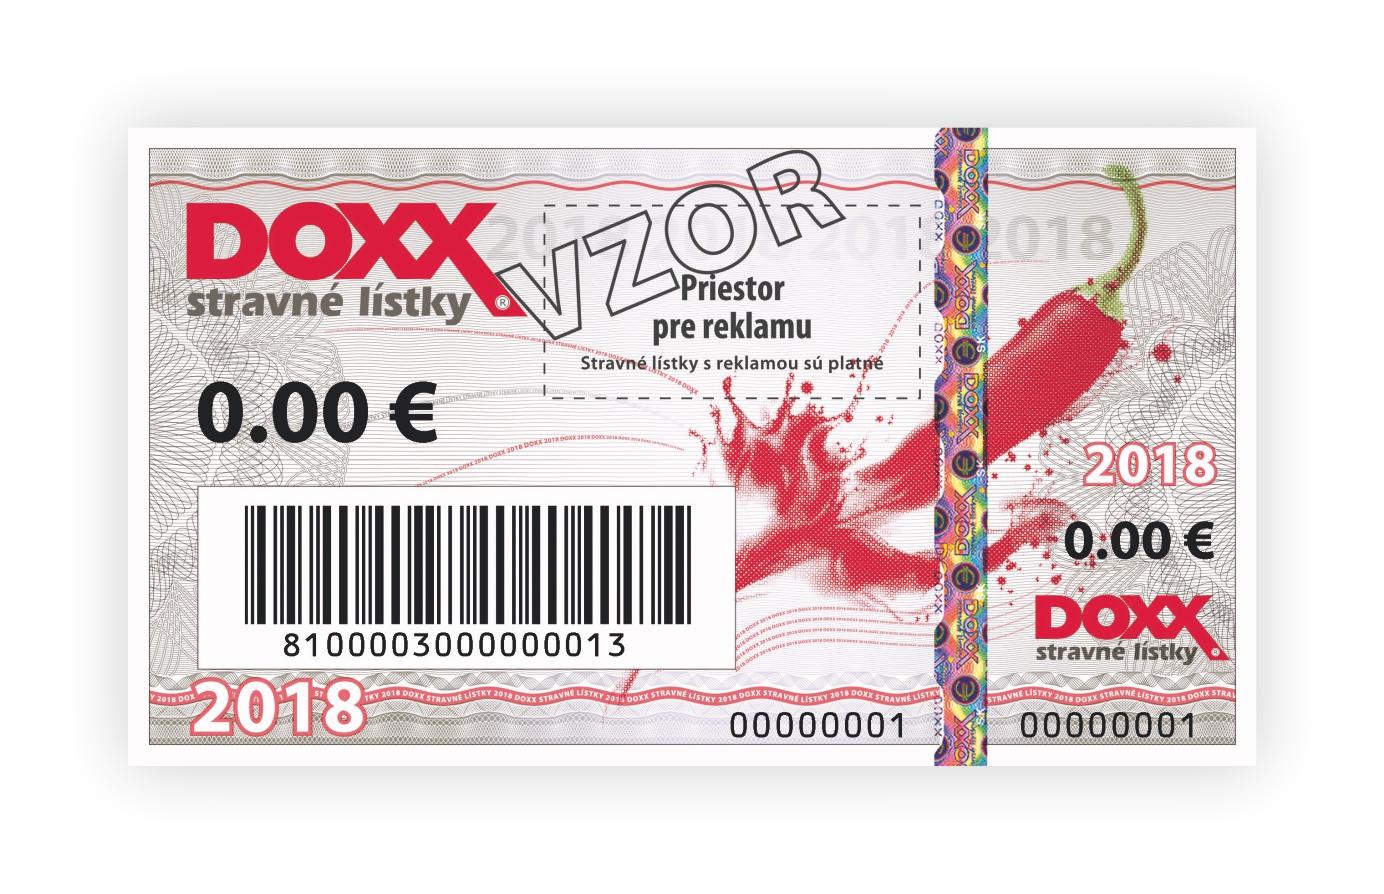 DOXX Stravné lístky 2018 predná strana - Vzory - slider